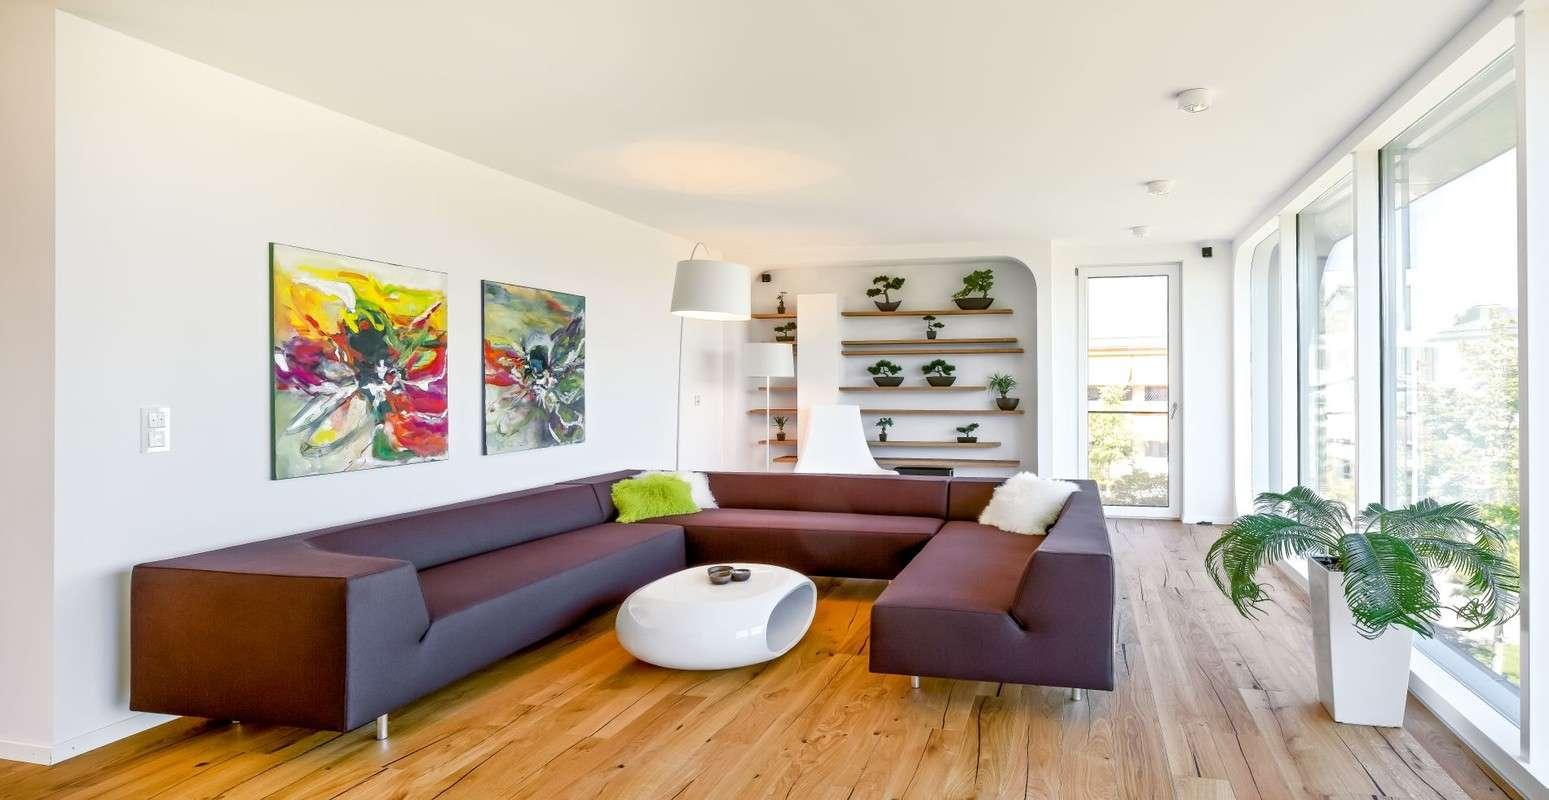 Das Regnauer-Haus stellt die traditionelle Nutzung der Etagen auf den Kopf. Im Obergeschoss befinden sich nicht nur die Schlafräume, sondern auch das Wohnzimmer mit Panoramafenster, gestaltet als Rückzugsort und Erholungsoase.